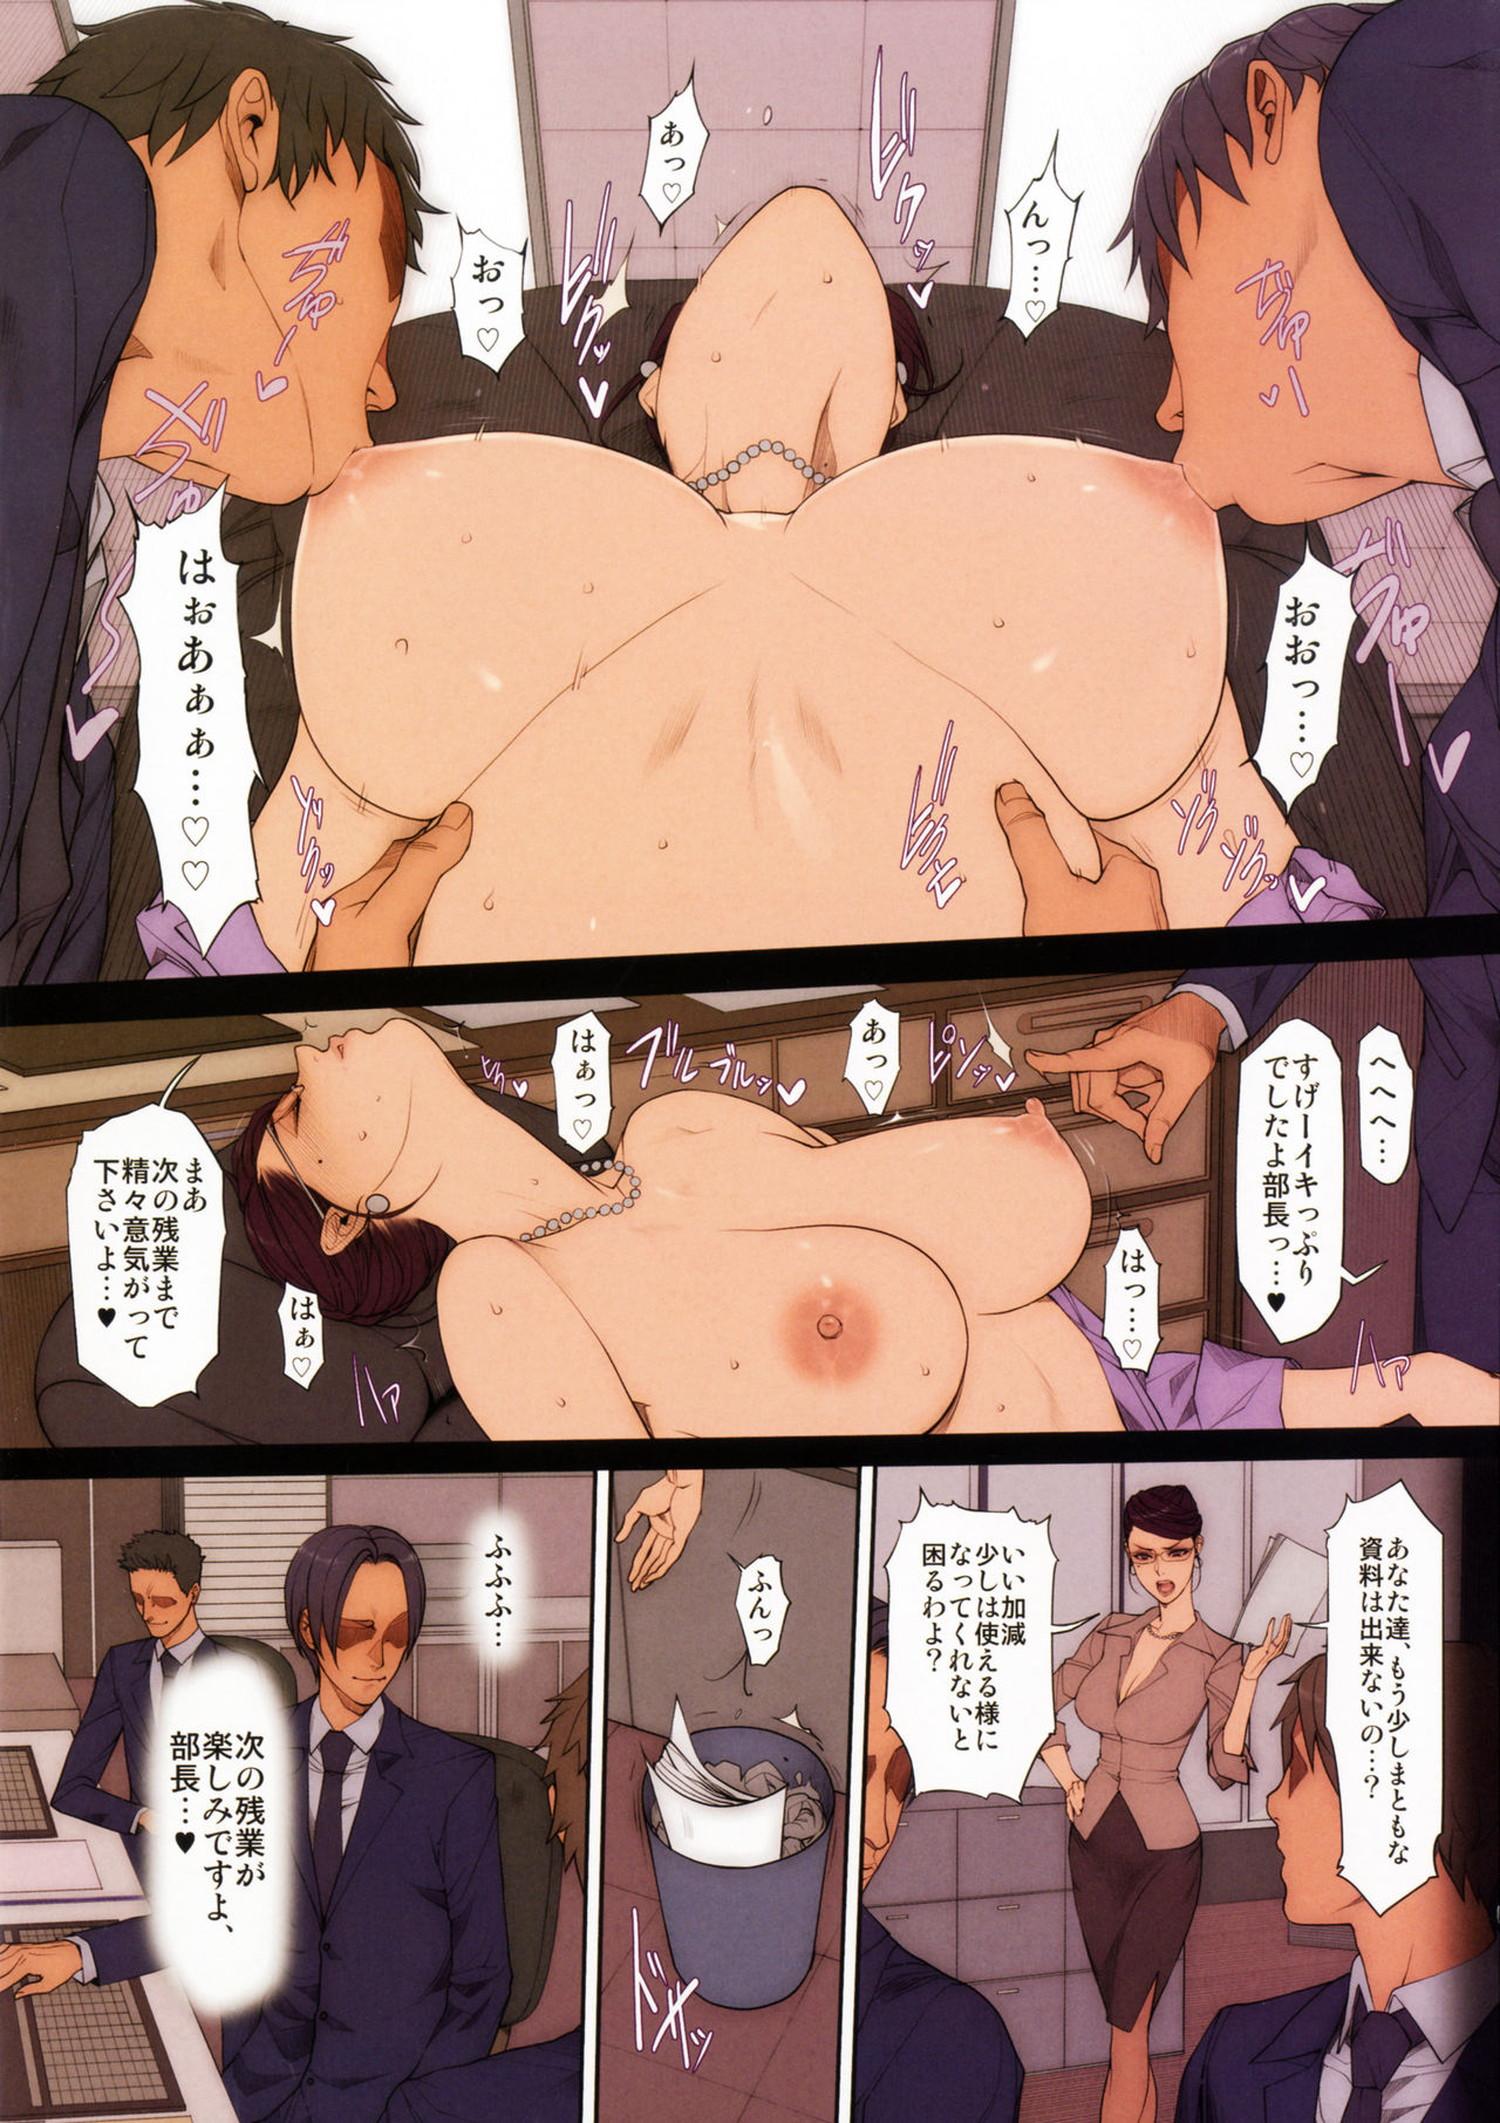 【エロ漫画・エロ同人誌】巨乳人妻が親戚のショタっ子とセックス三昧www (27)